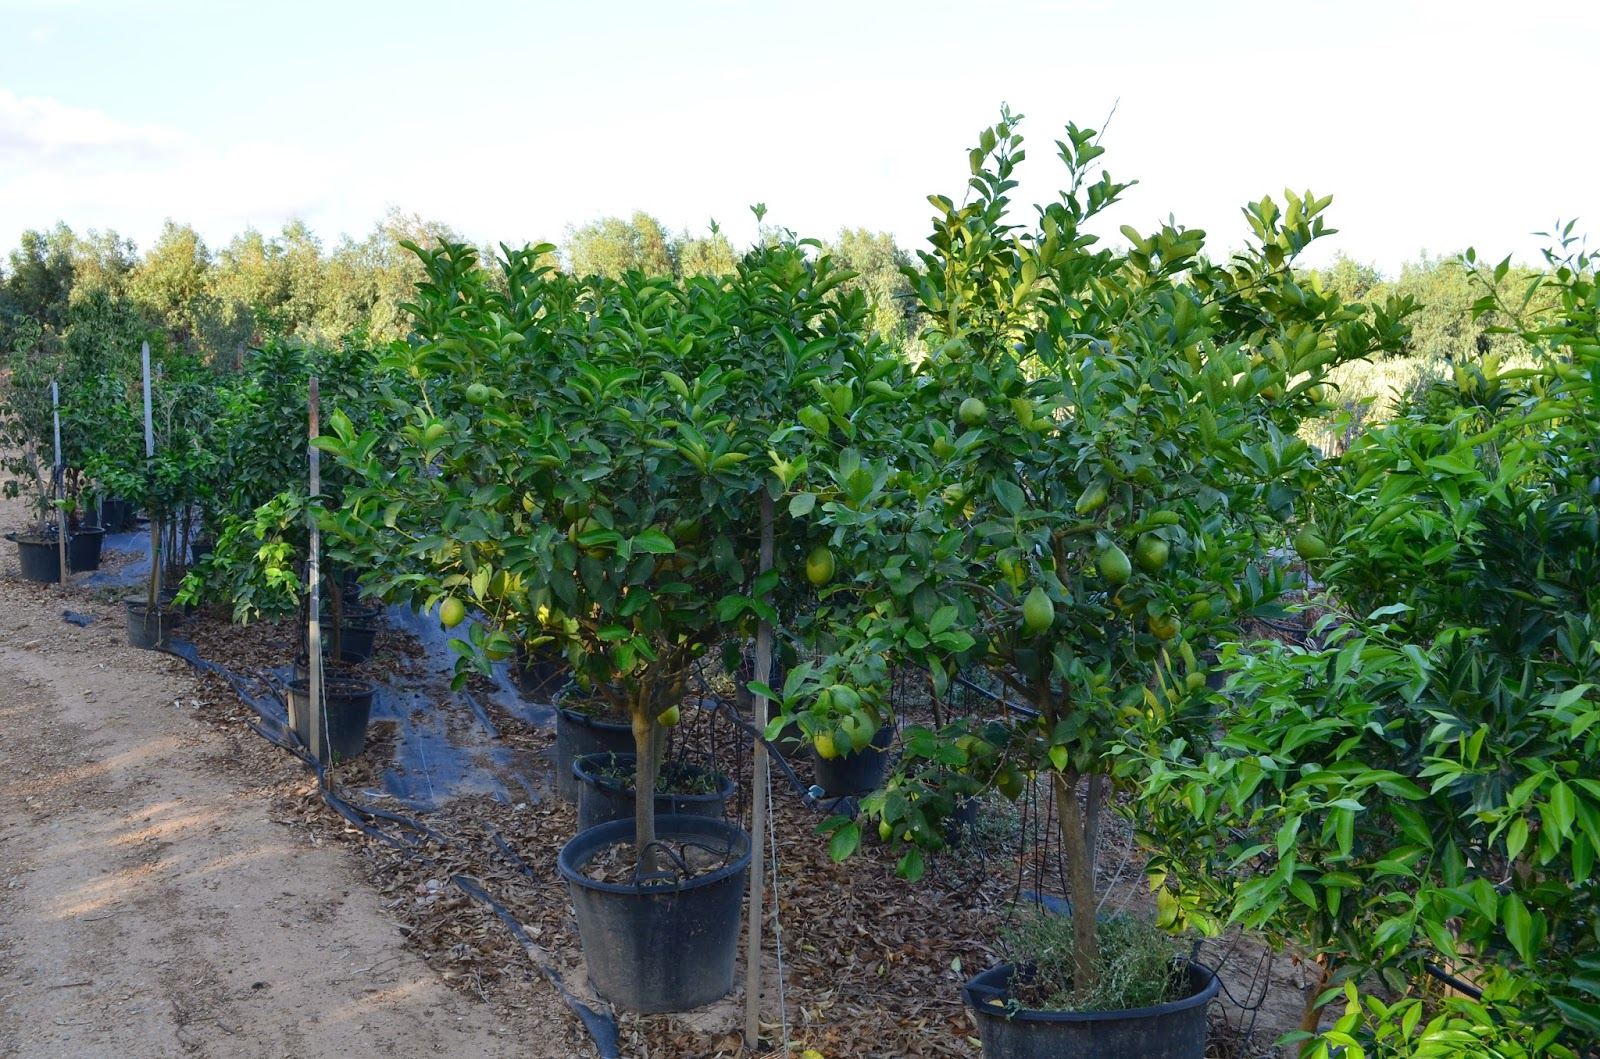 piante di agrumi agrumi in vaso albero di chinotto